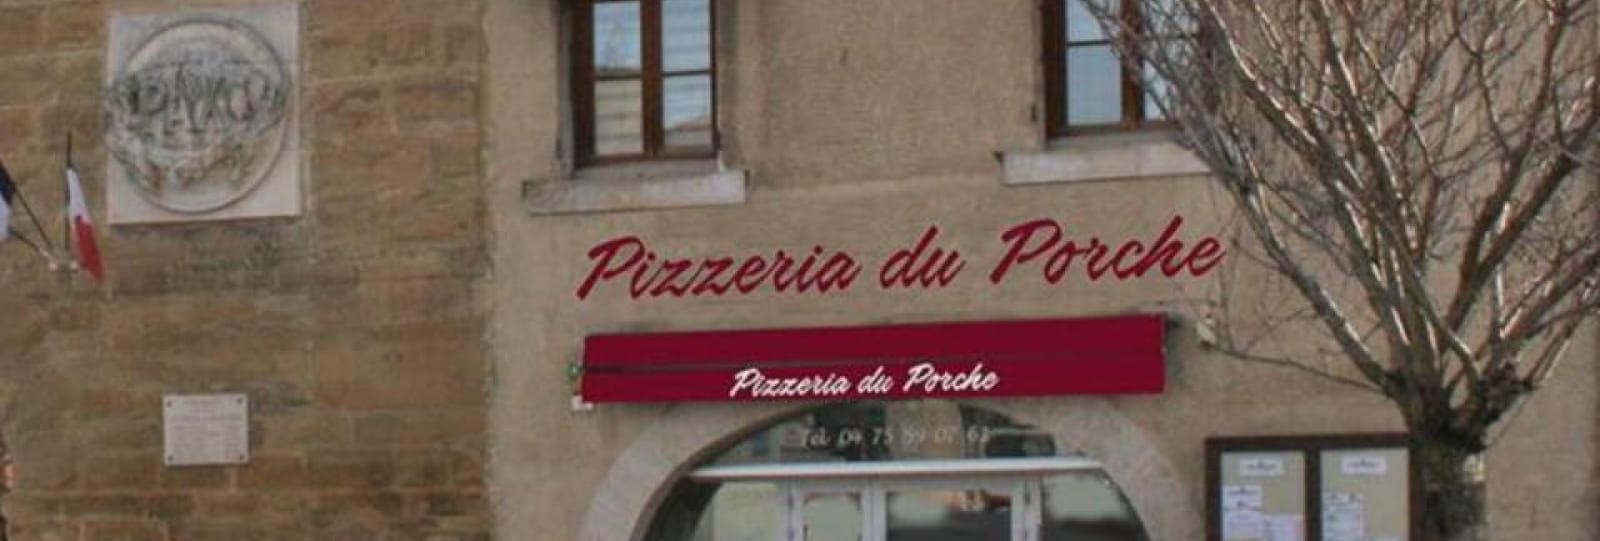 Pizzeria du Porche